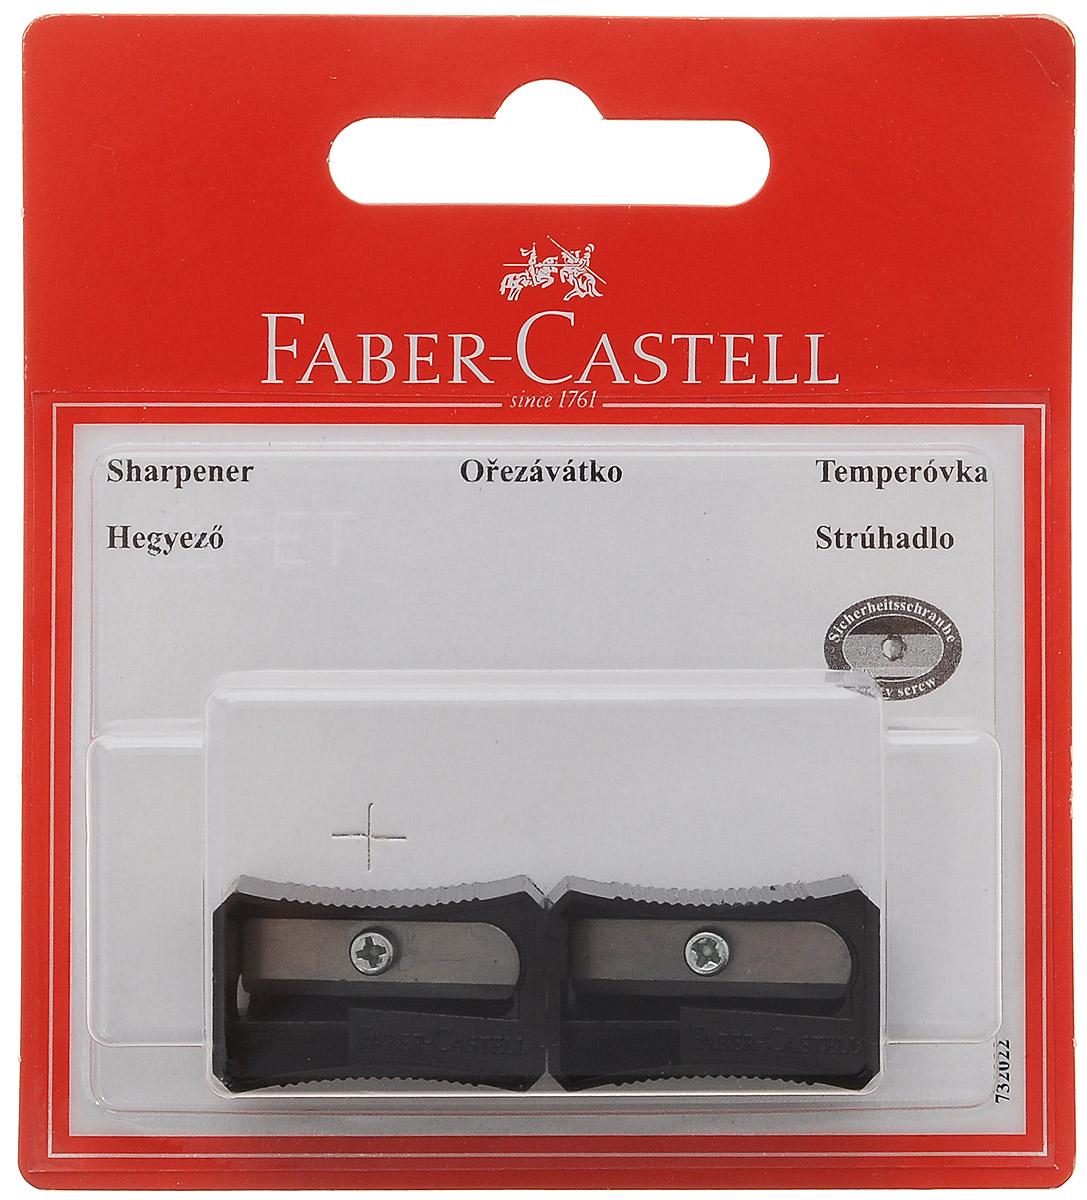 Набор точилок Faber-Castell предназначен для затачивания классических простых и цветных карандашей. В наборе две точилки из прочного черного пластика с рифленой областью захвата. Острые стальные лезвия обеспечивают высококачественную и точную заточку деревянных карандашей.